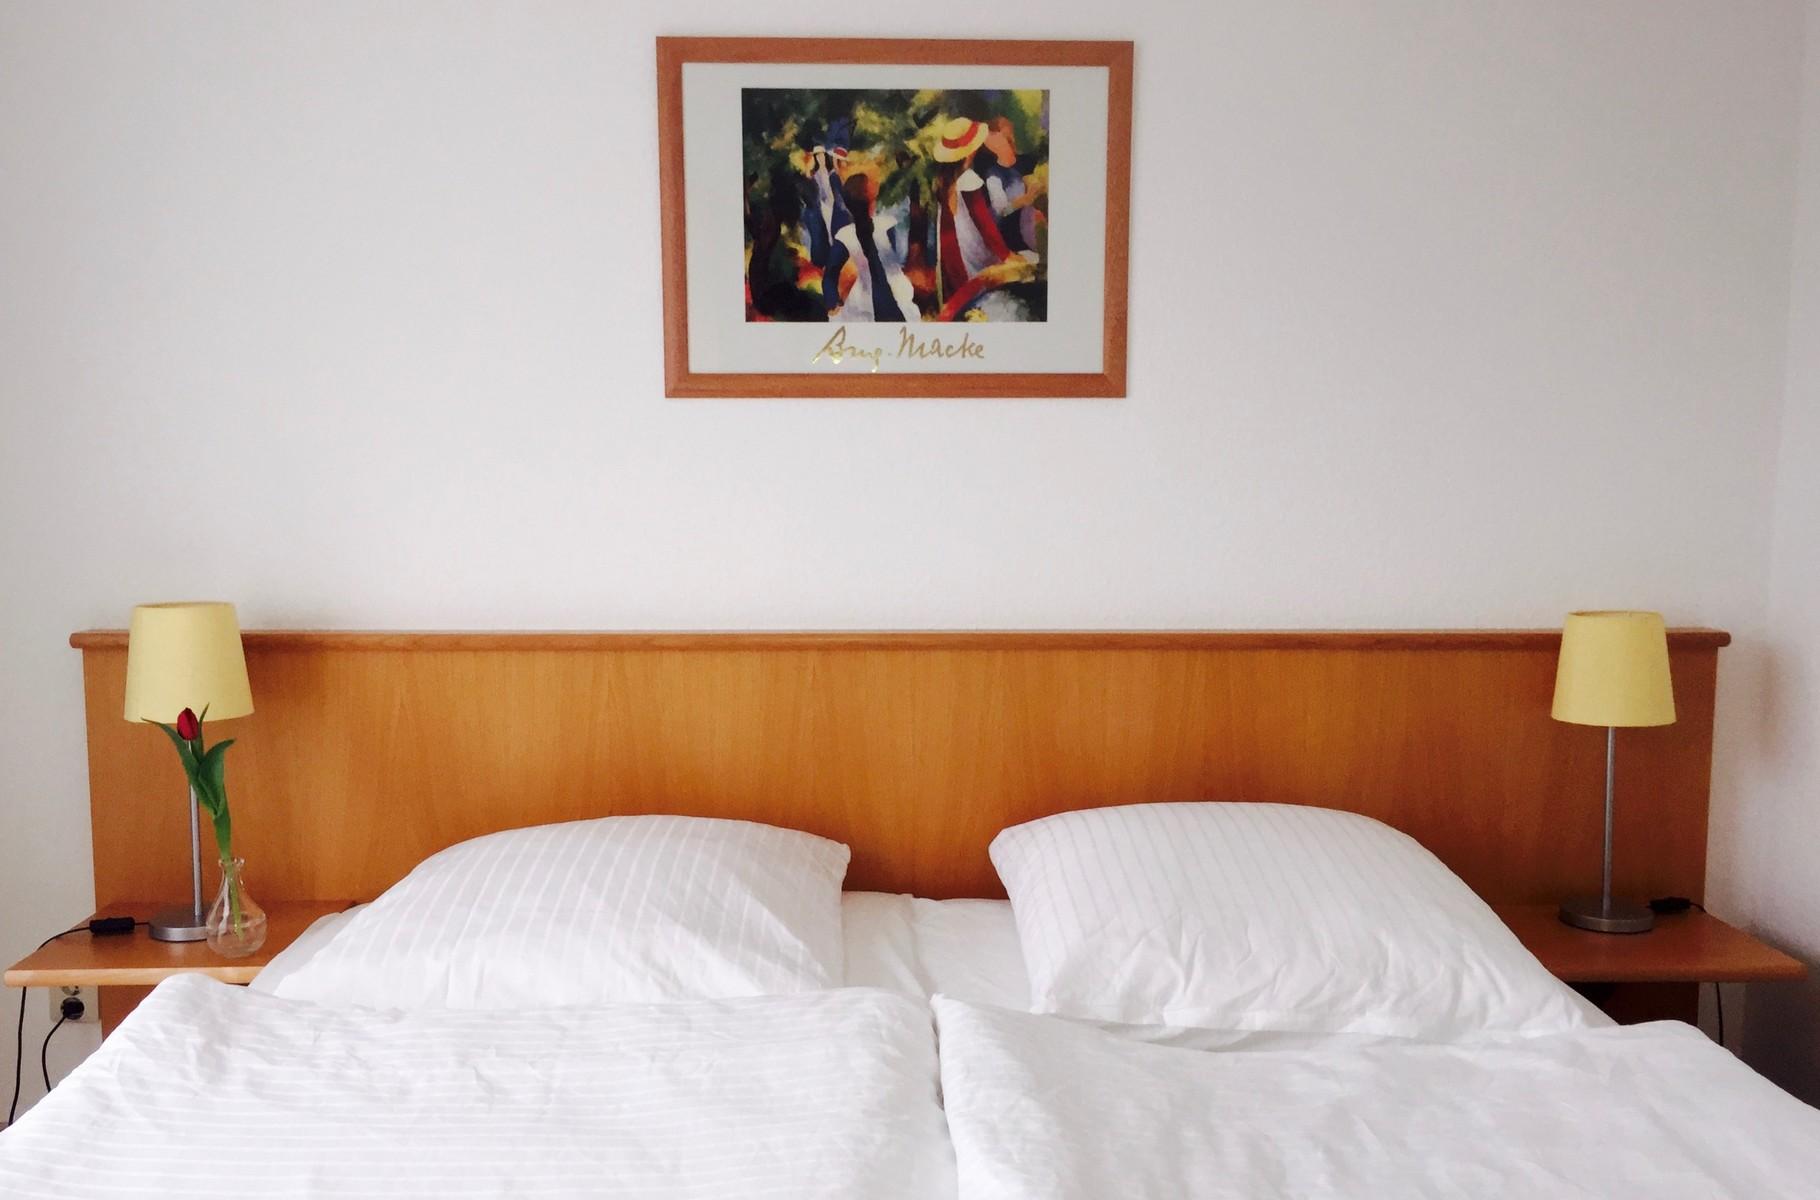 Das gemütliche Schlafzimmer mit großem Bett.